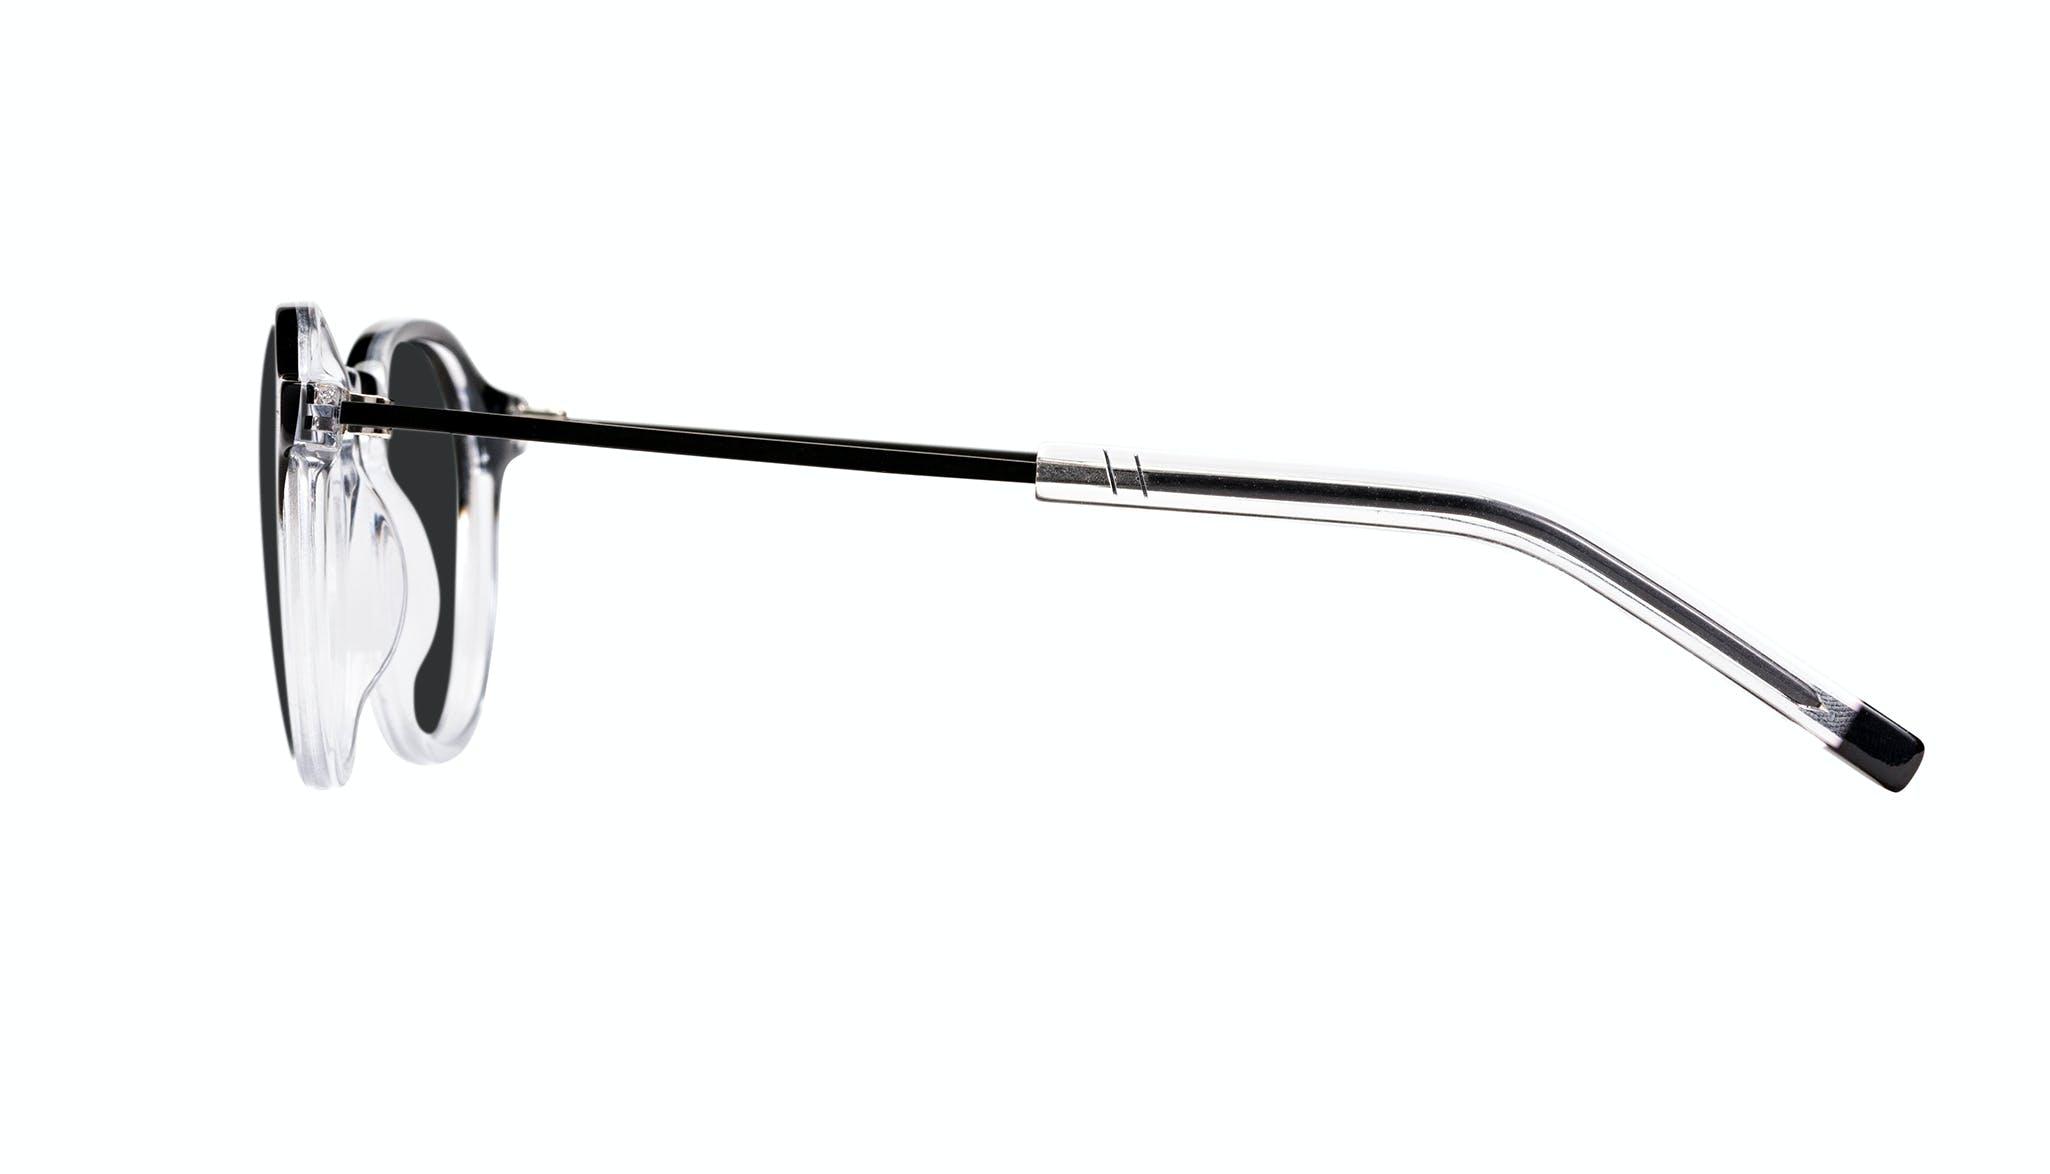 Lunettes tendance Ronde Lunettes de soleil Hommes Prime Onyx Clear Profil